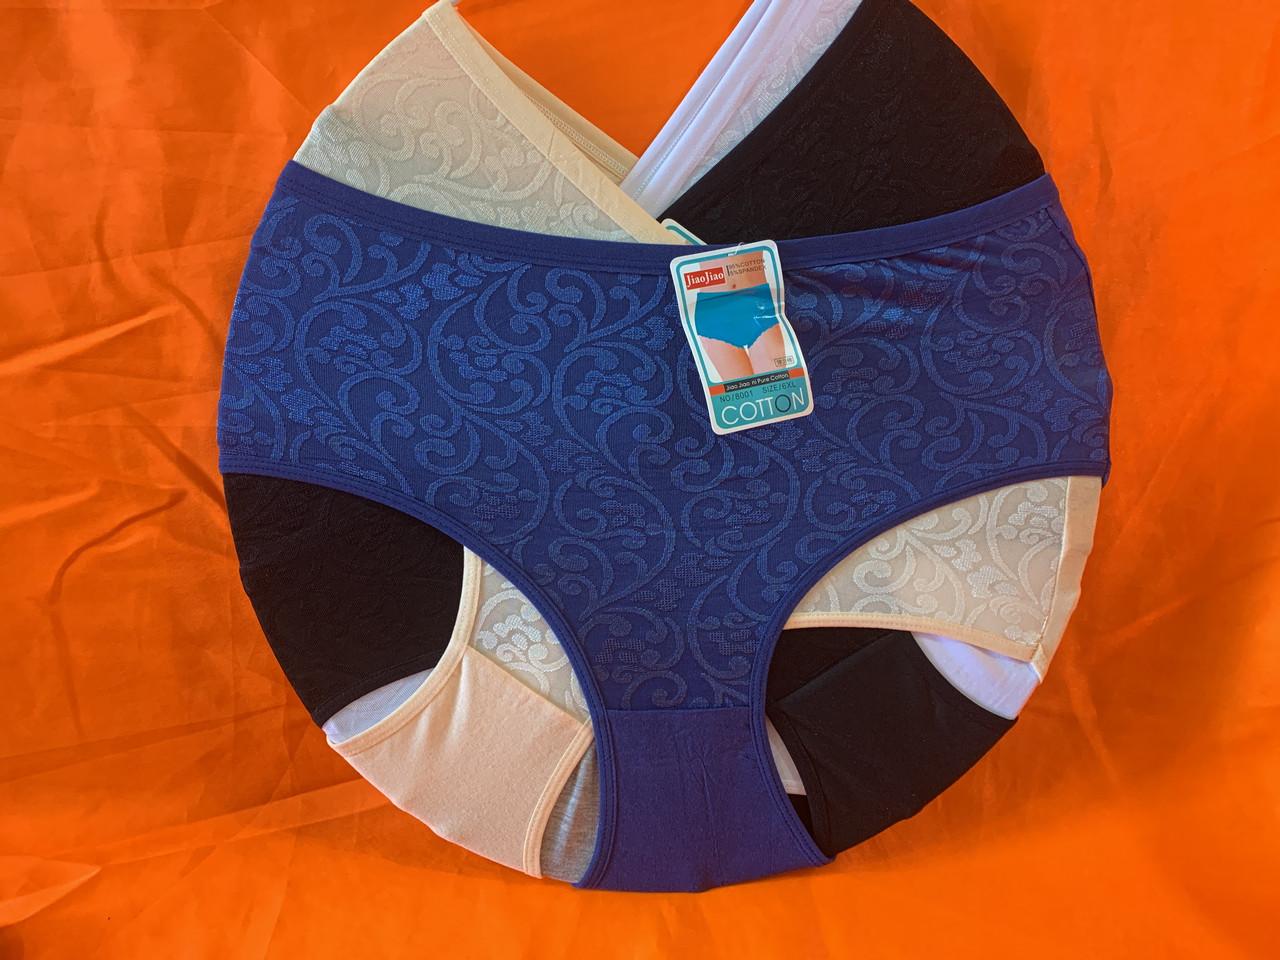 Трусы хлопок с вискозой 50-54рр, один цвет в упаковке